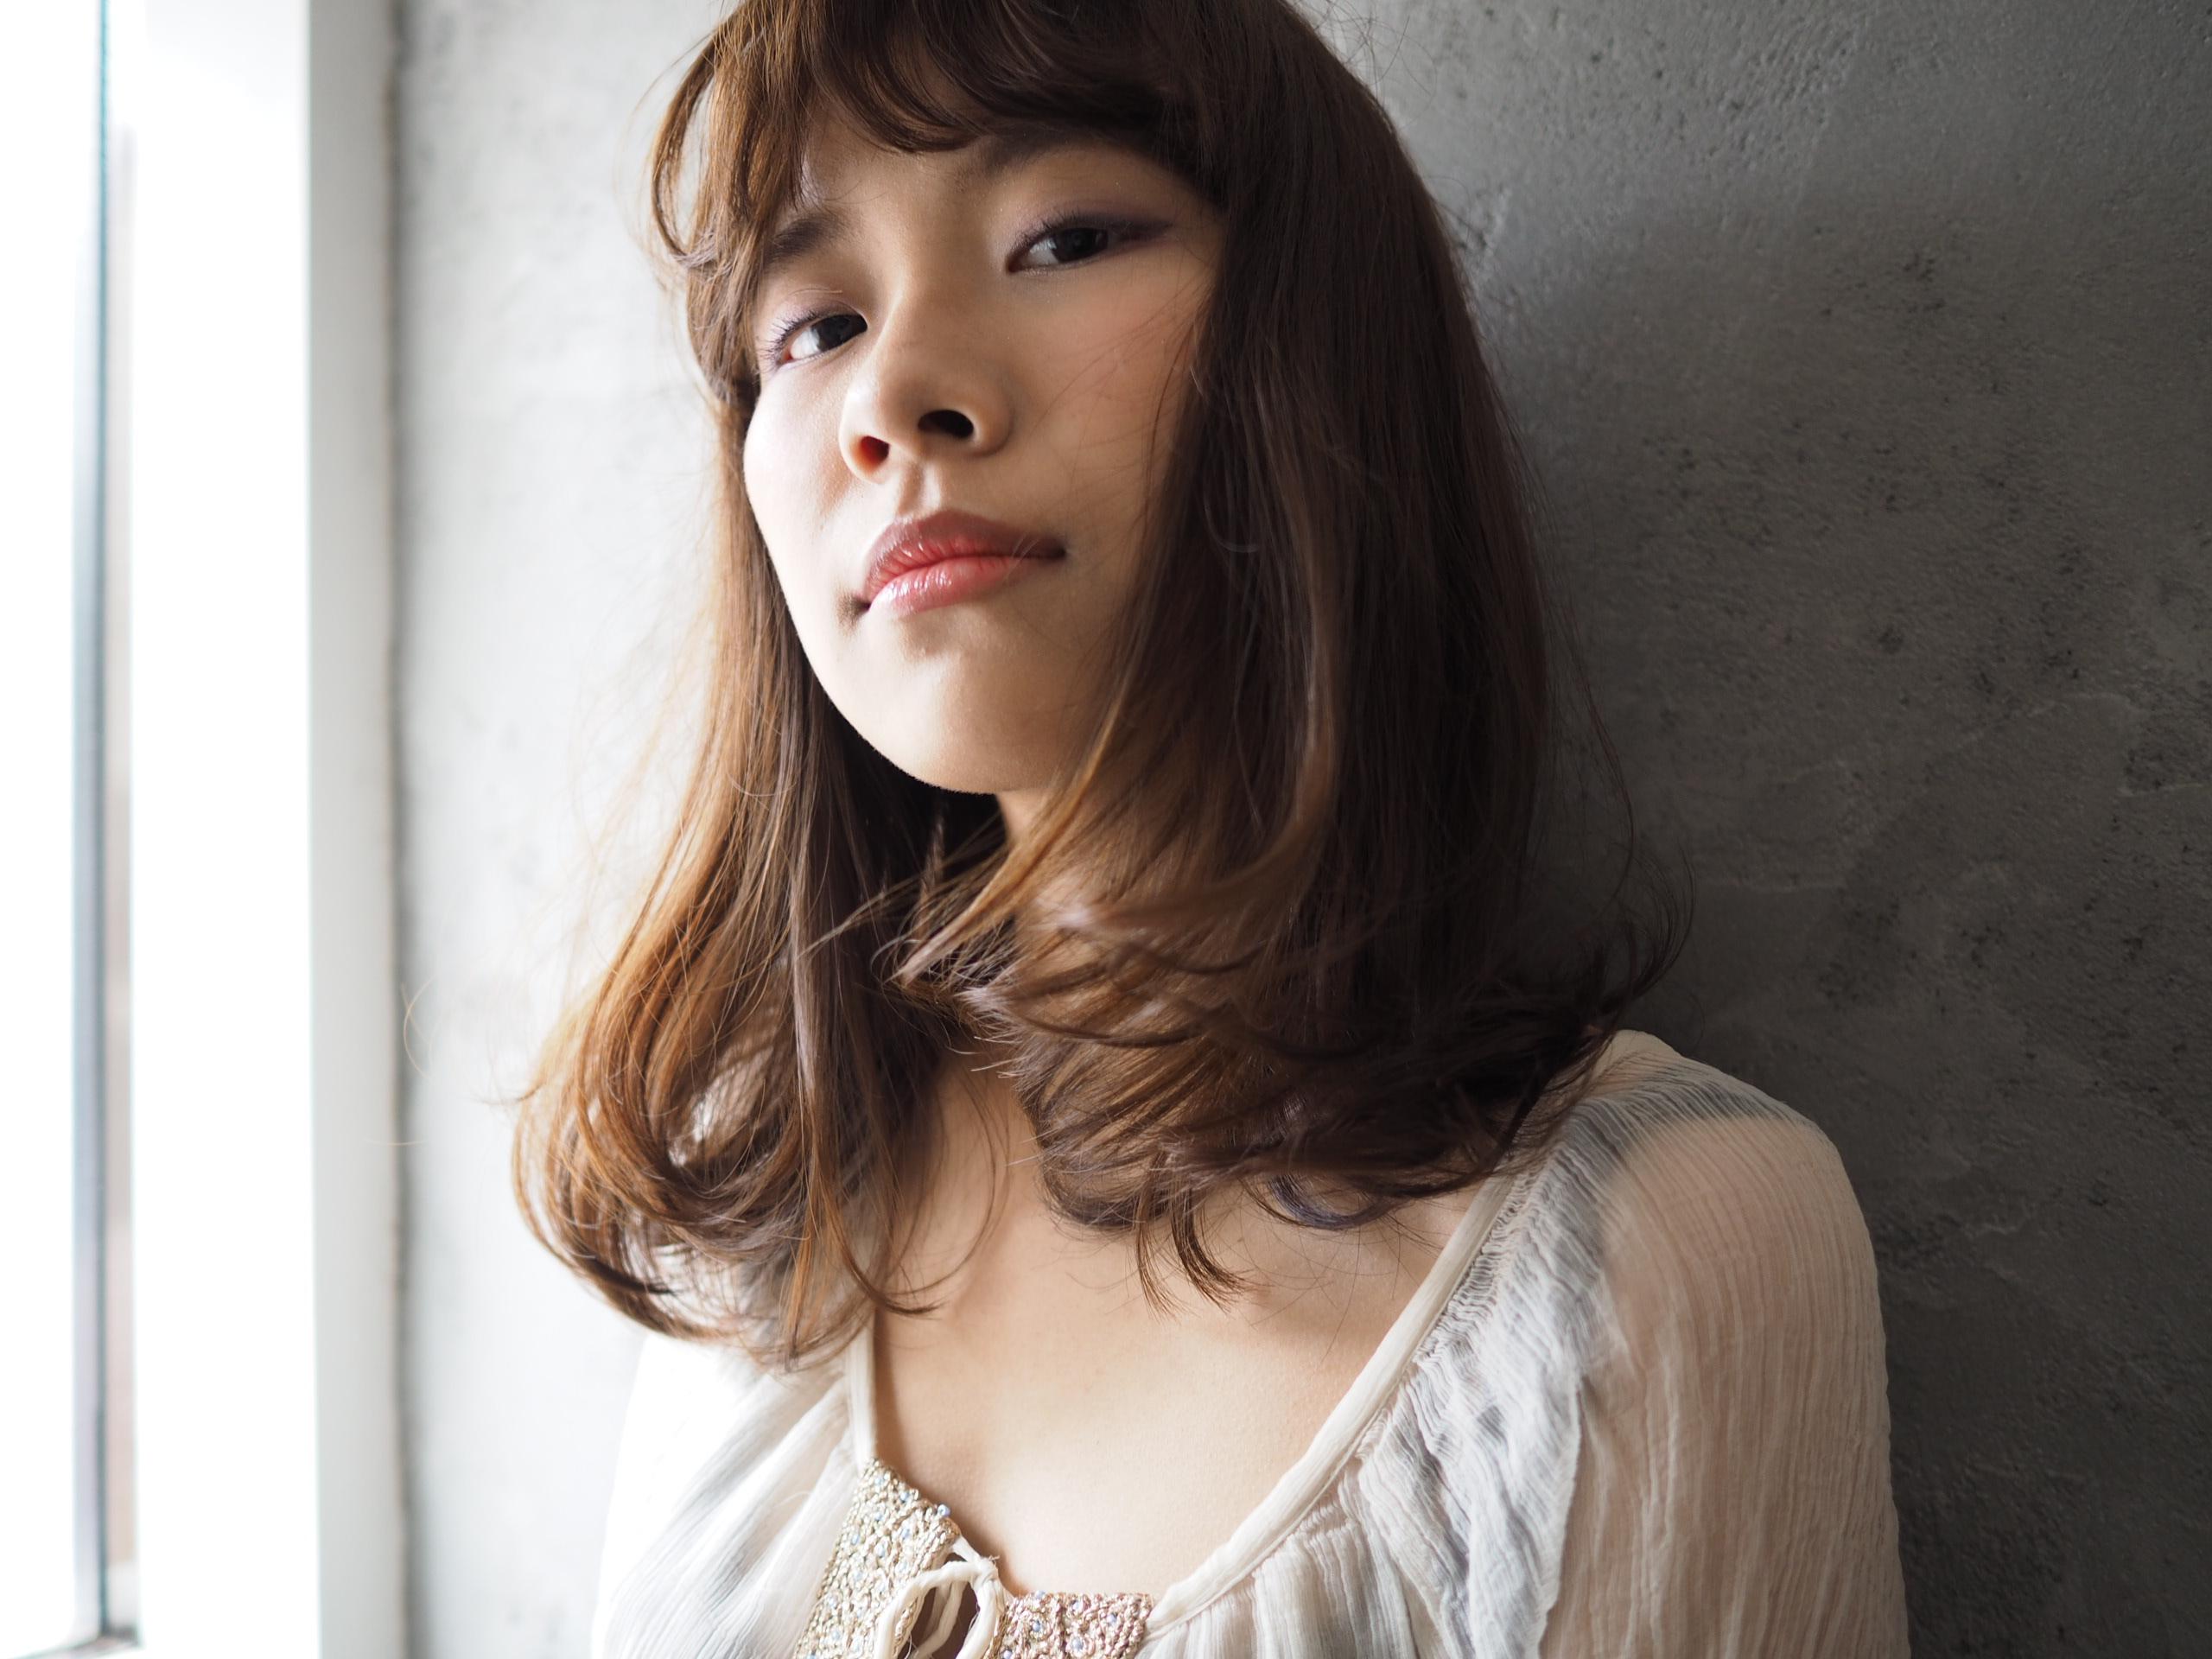 高円寺 阿佐ヶ谷 中野のヘアスタイル 美容室・美容院 STYLES